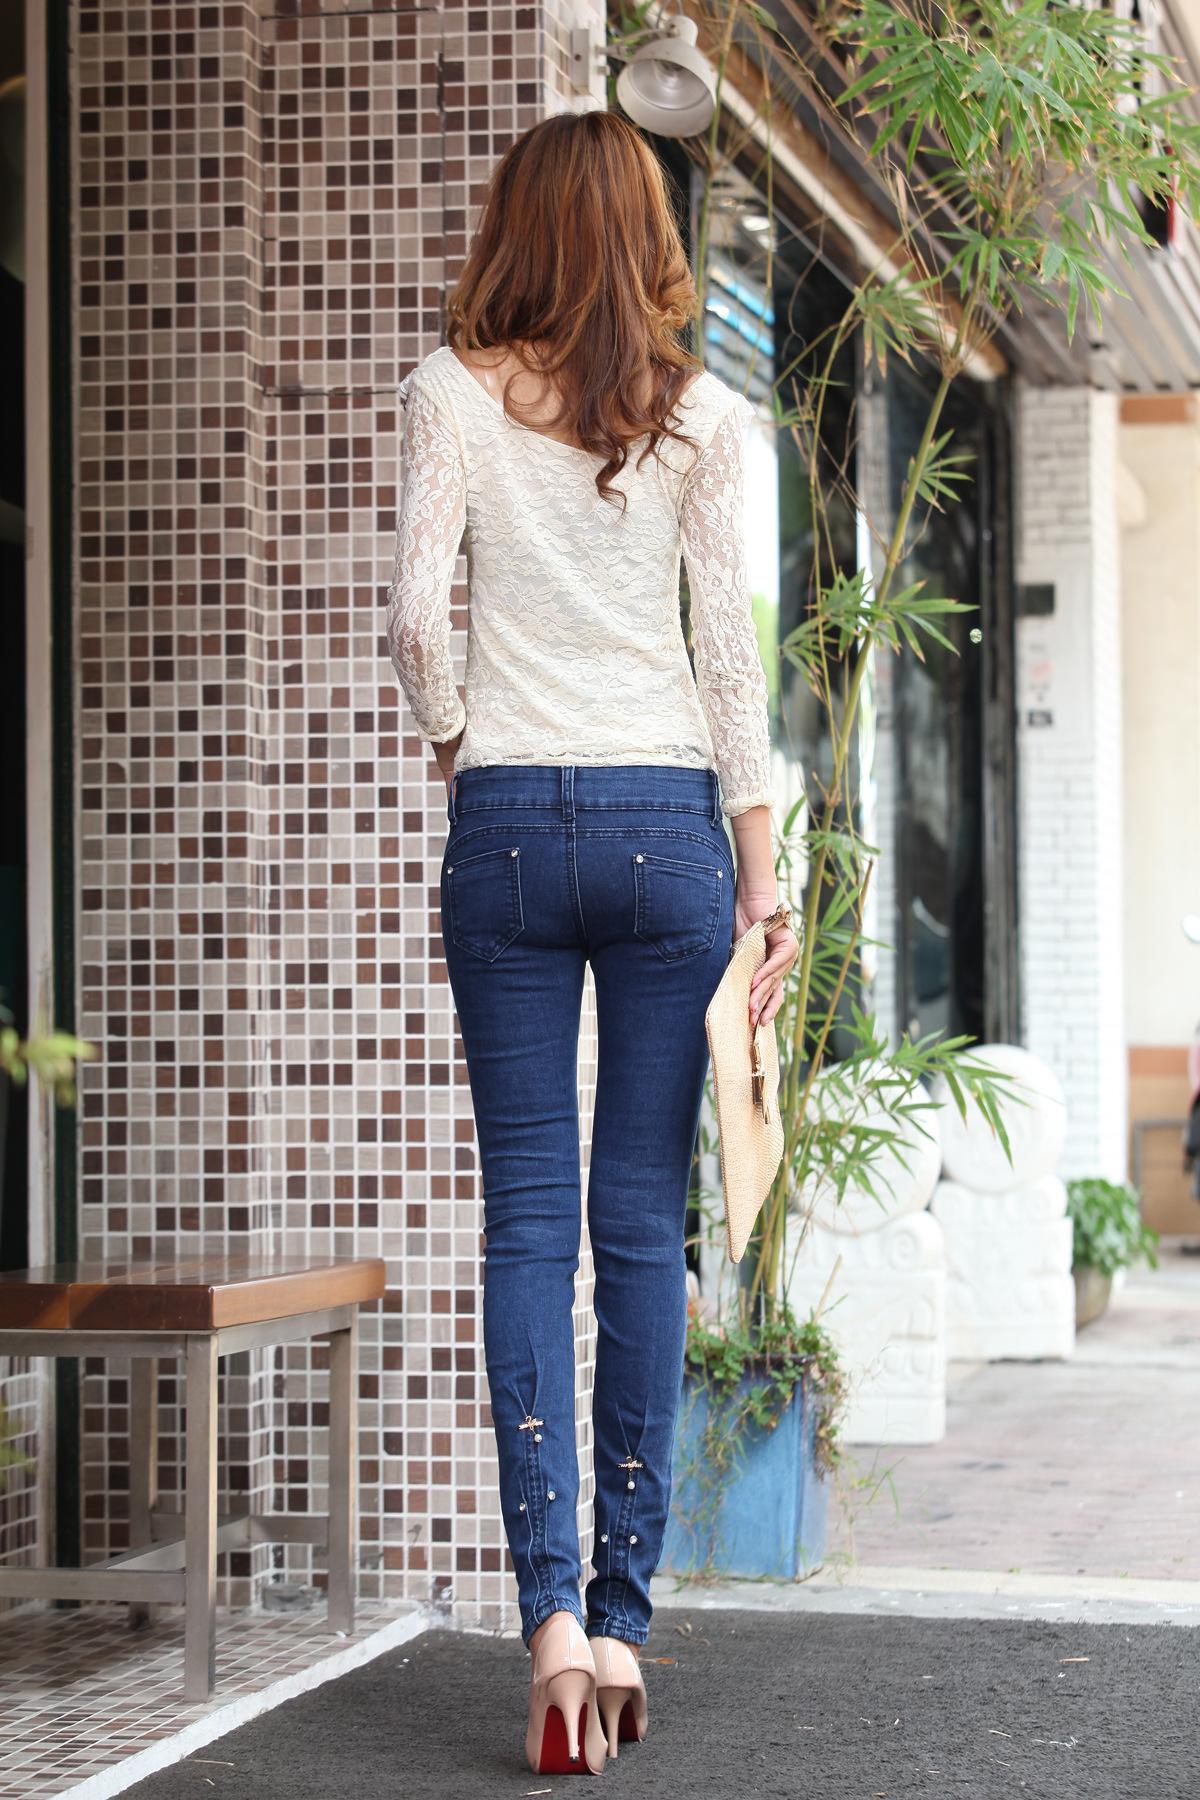 韩国美女牛仔裤热舞_美女视频_韩国牛仔裤美女热舞